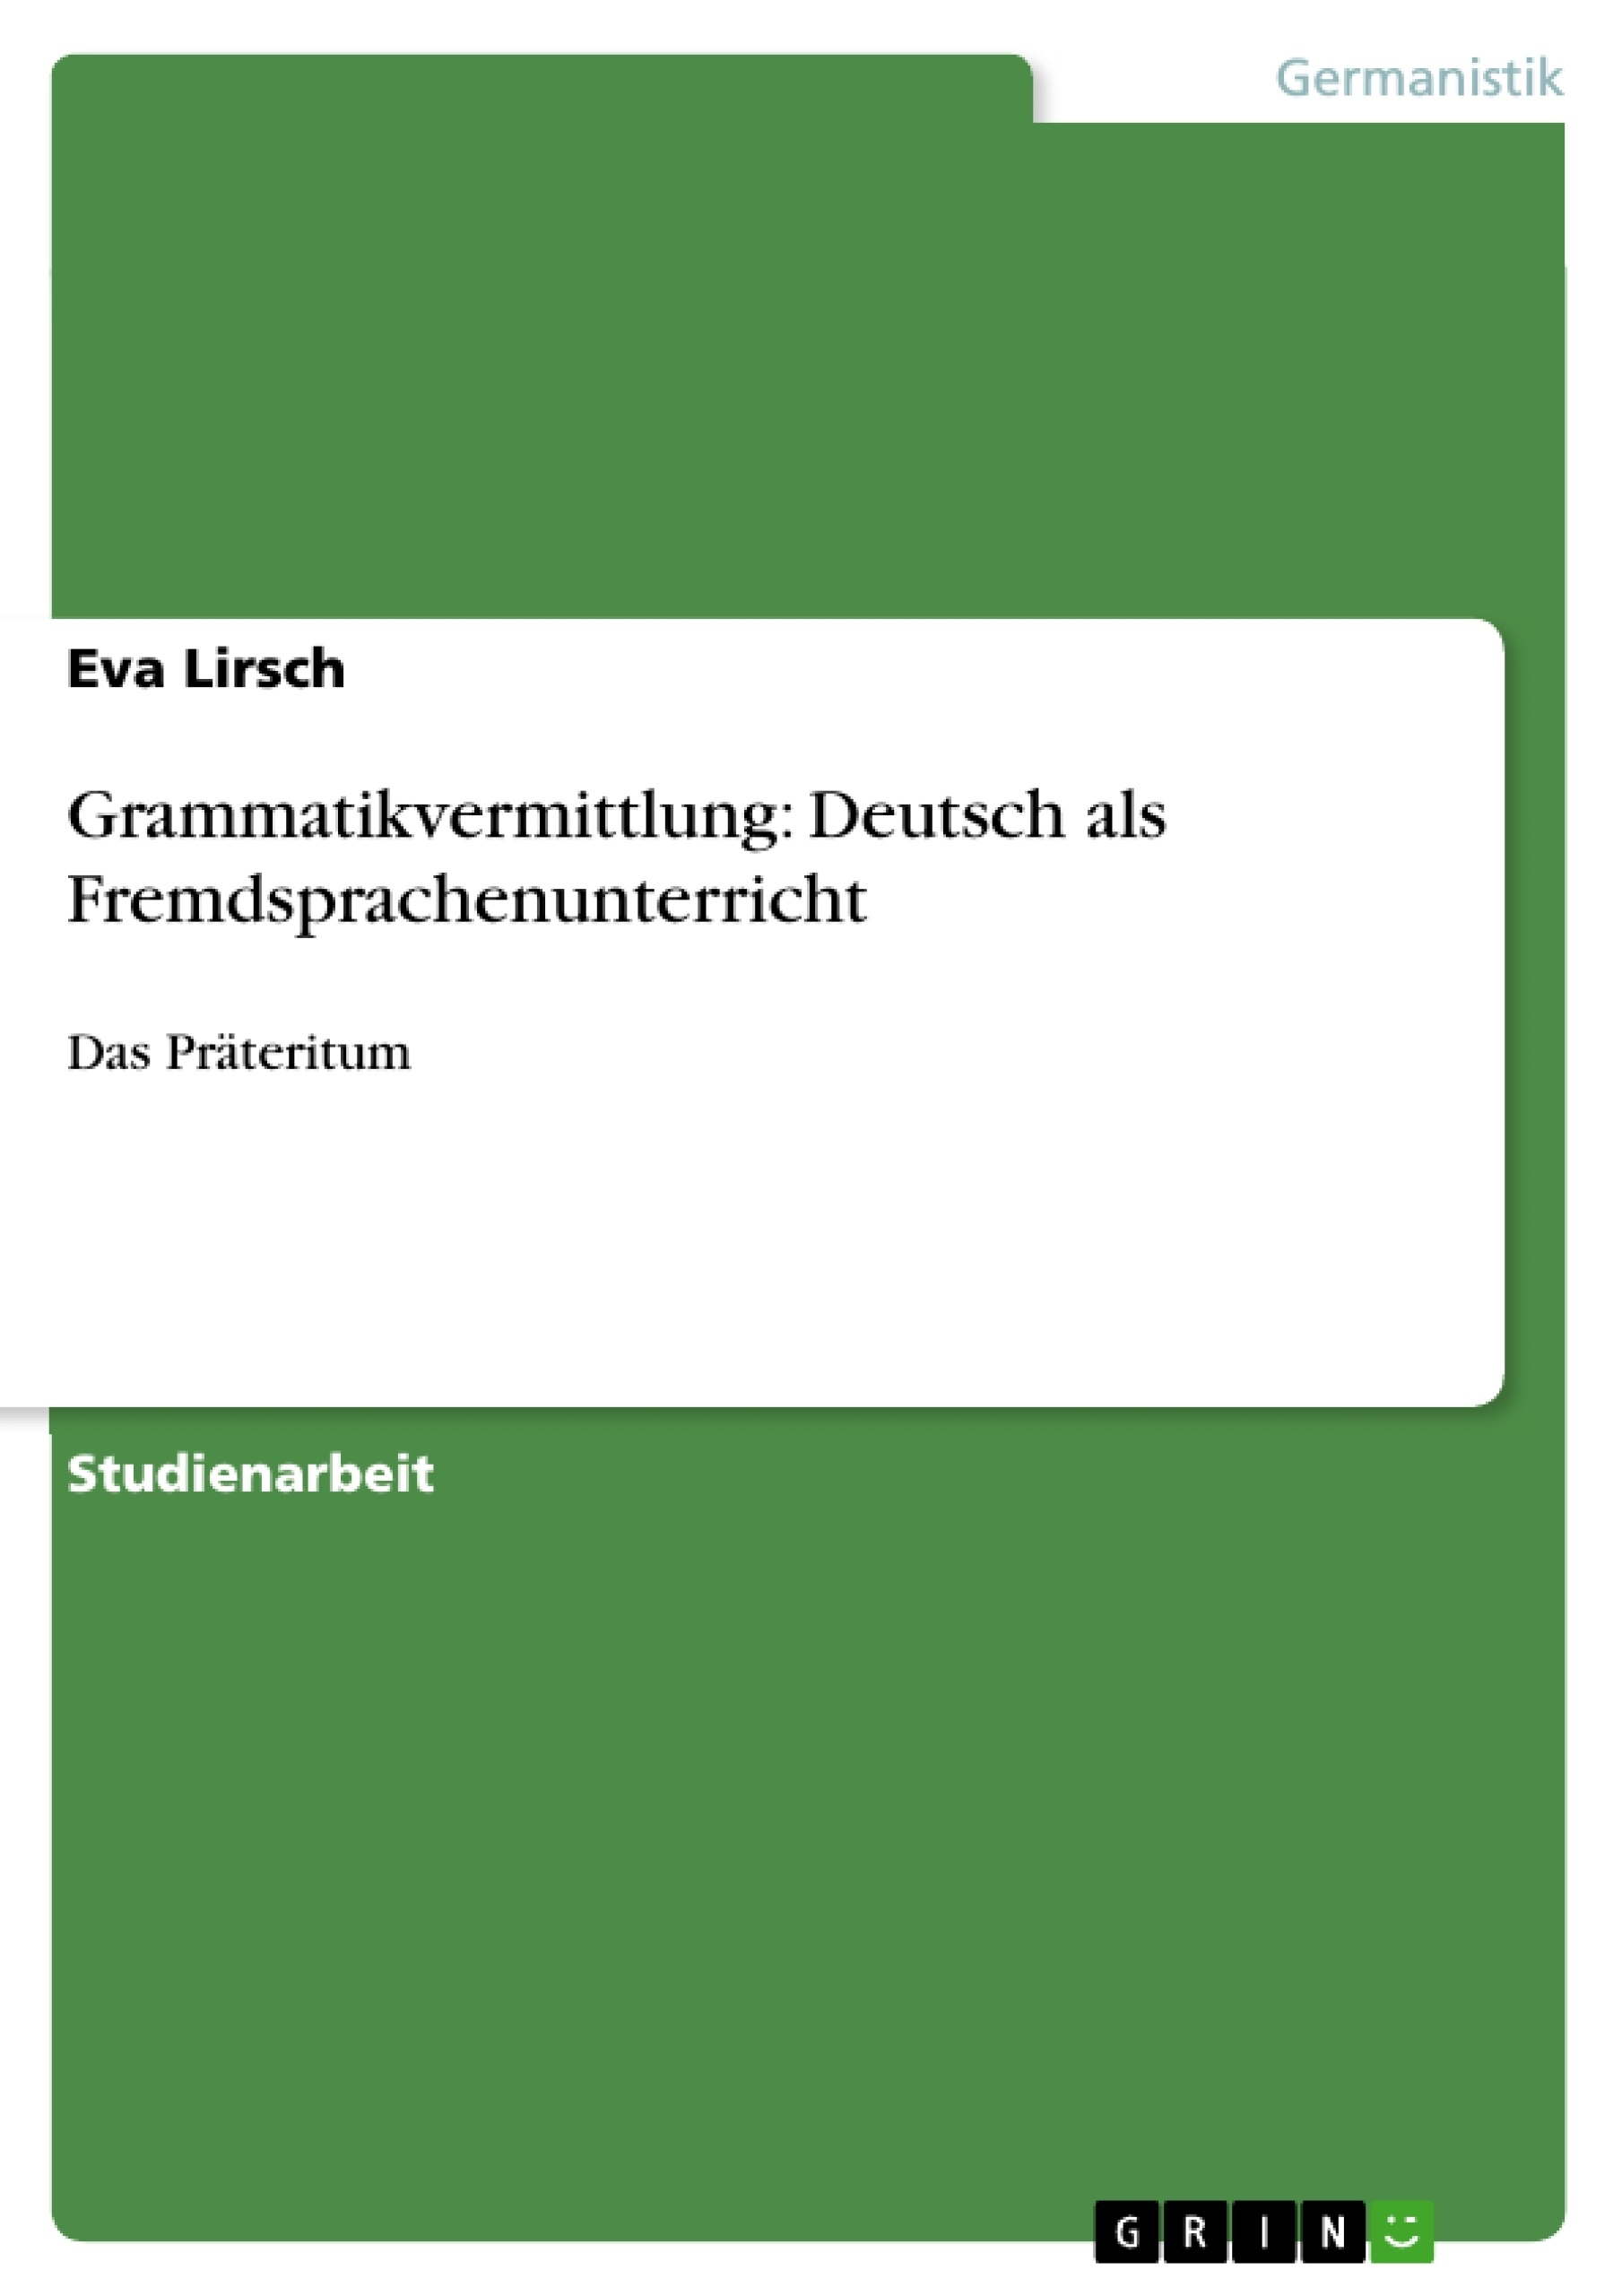 Titel: Grammatikvermittlung: Deutsch als Fremdsprachenunterricht